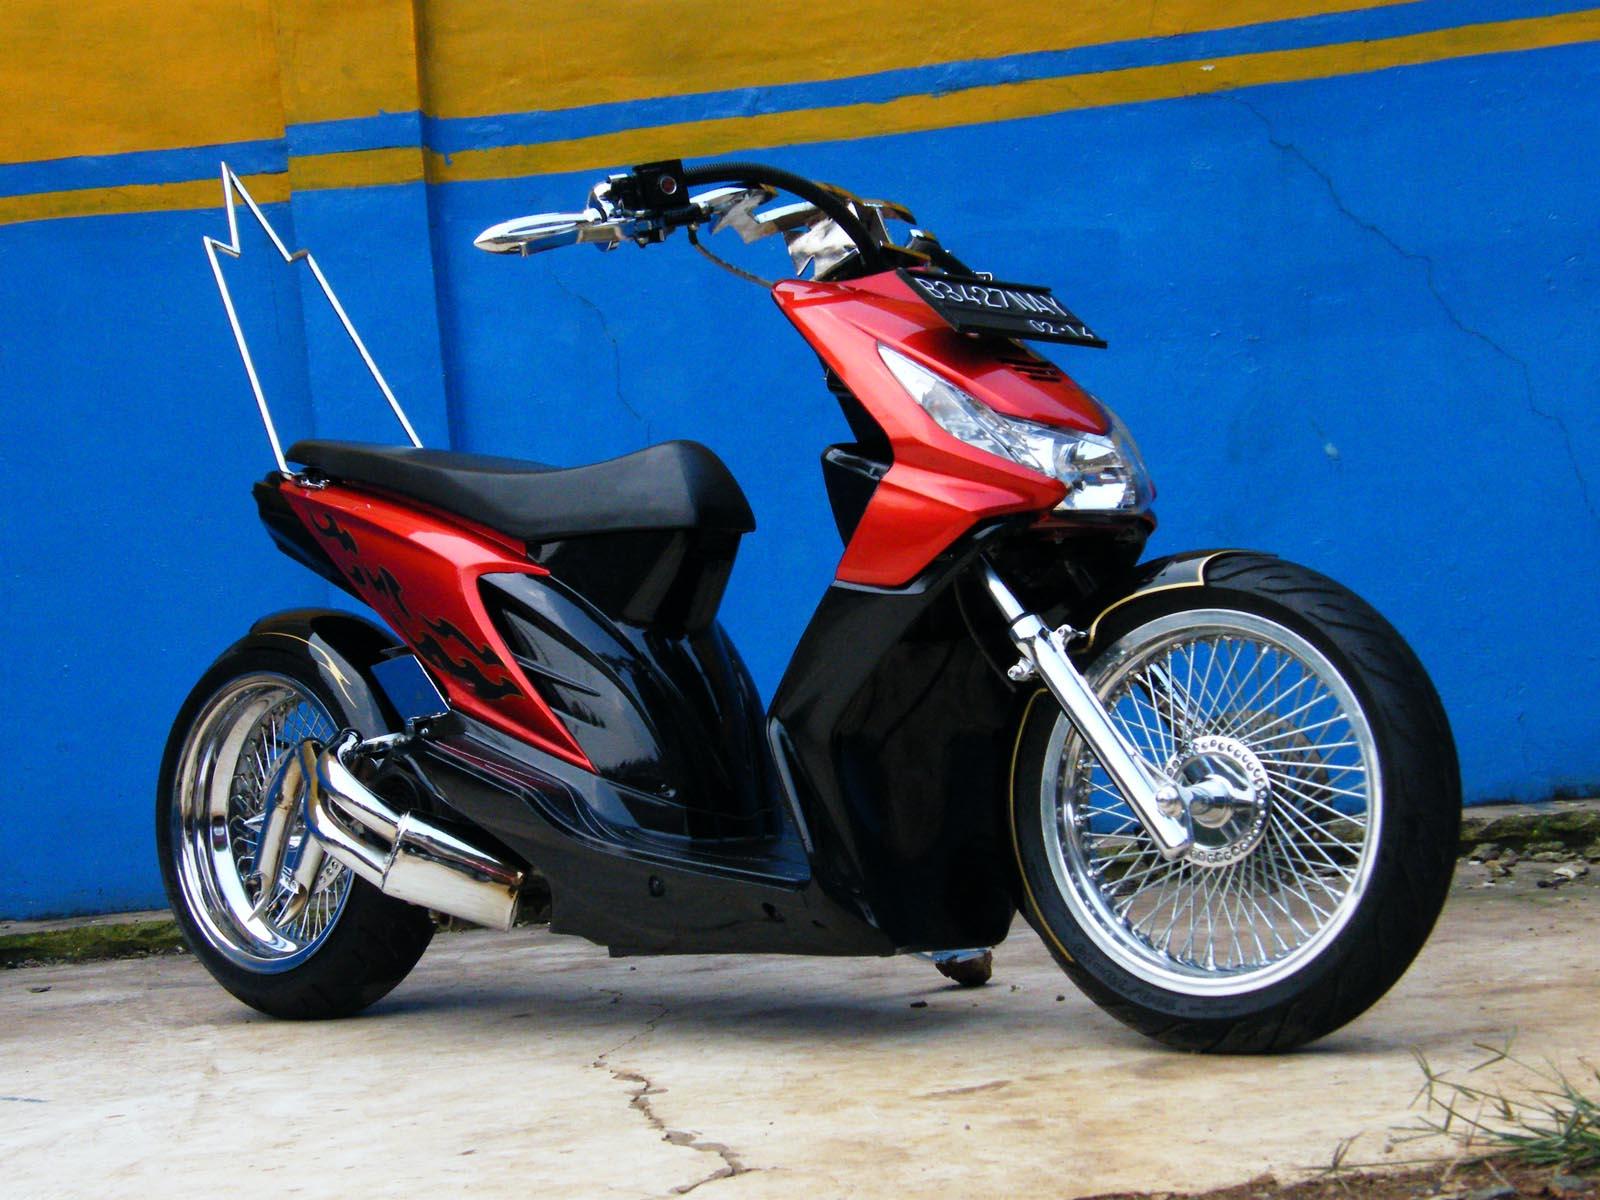 Bengkel Modifikasi Motor Vario Di Surabaya Terupdate Motor Cross